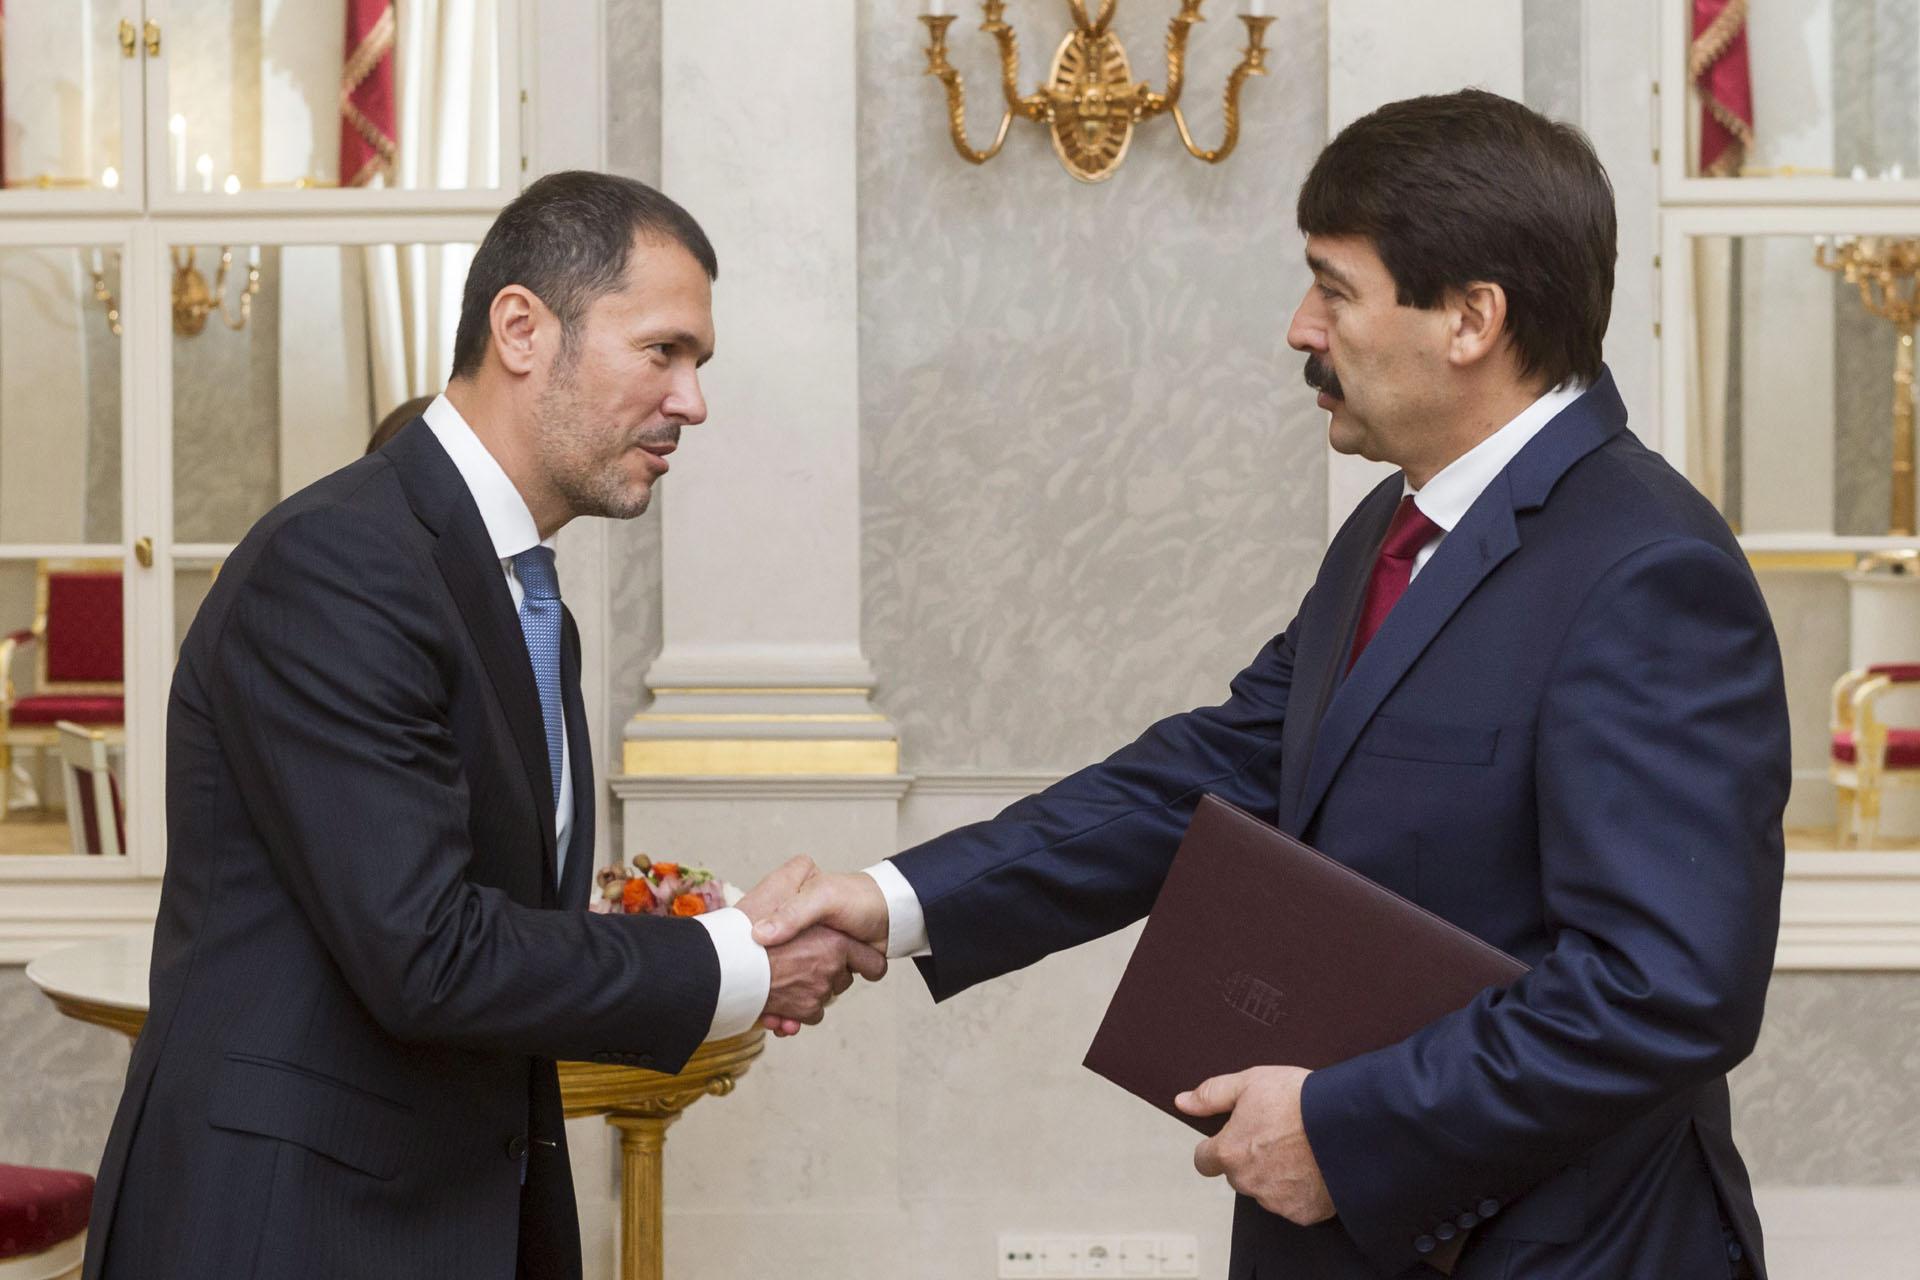 Nagyon jól fialtak a távozó Giró-Szász államtitkár úr befektetései az idén!*